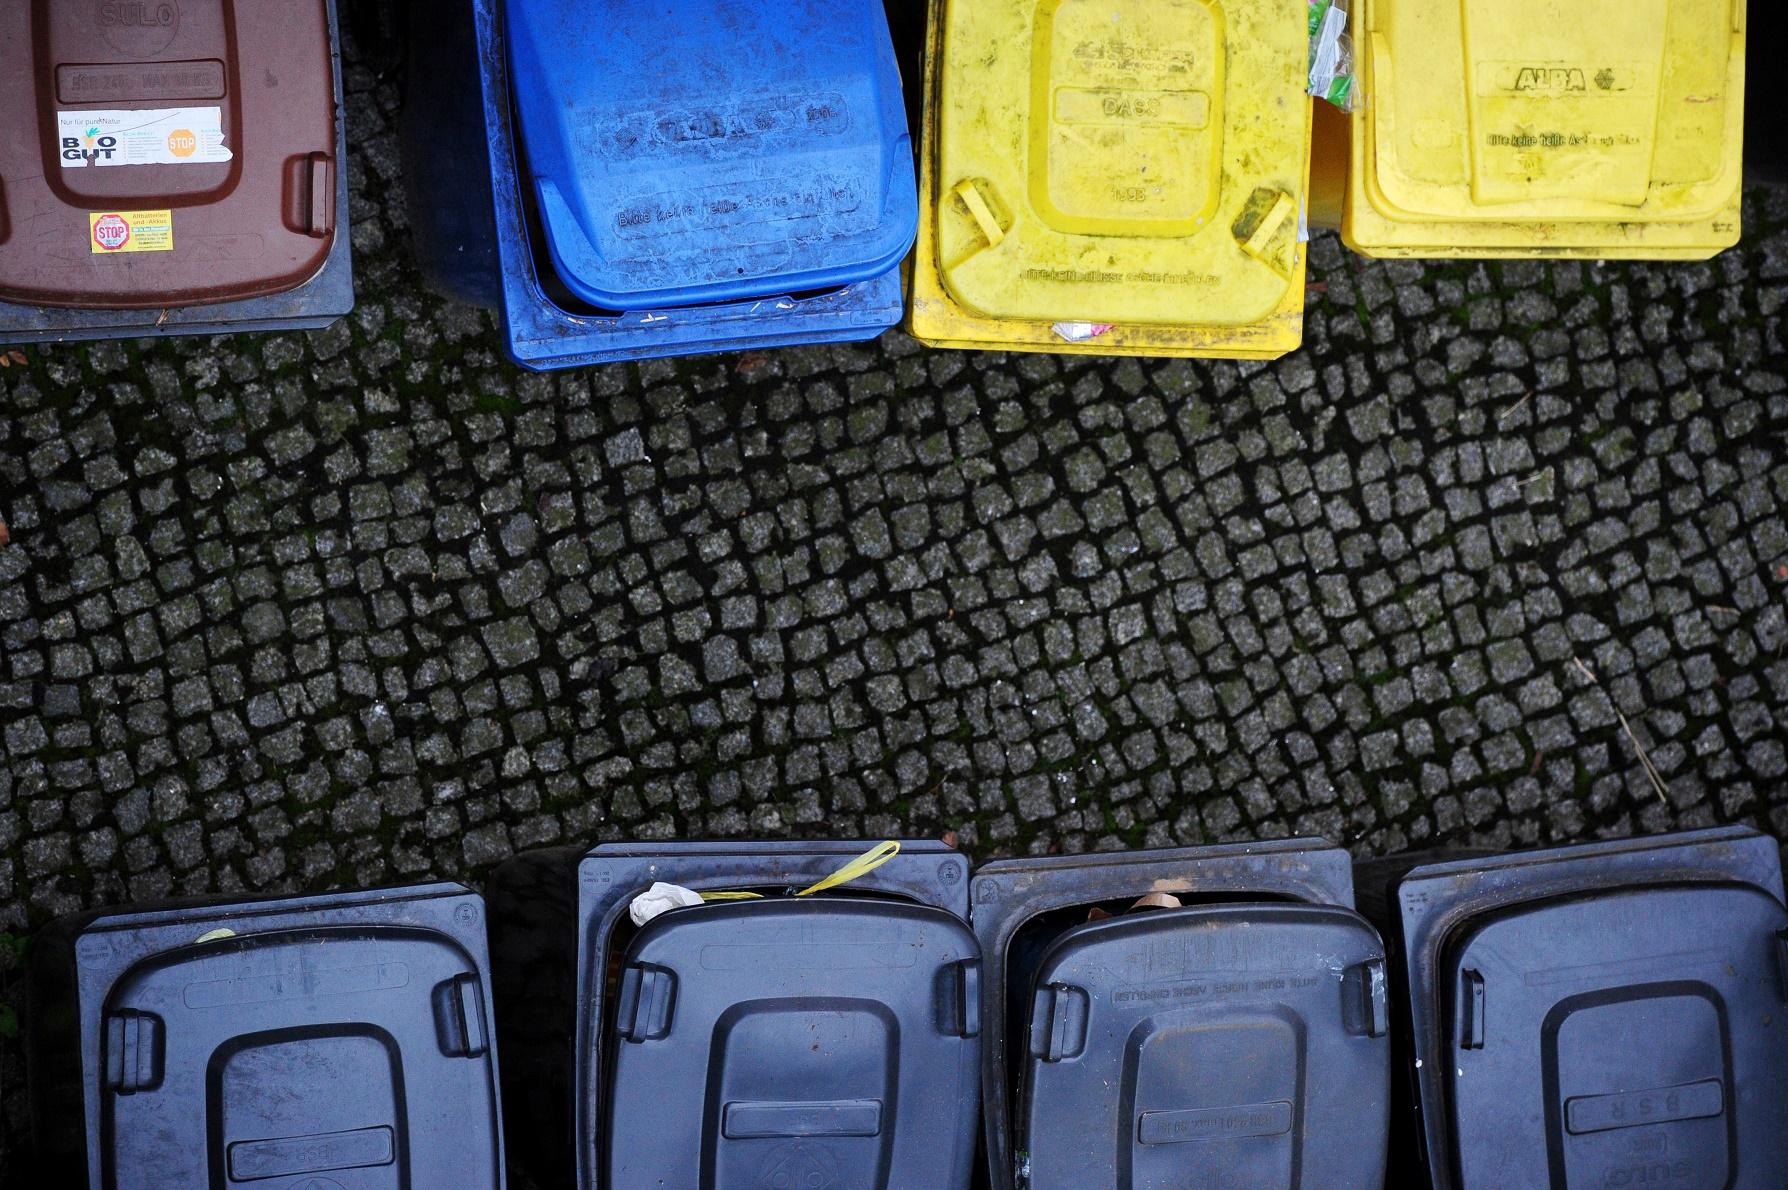 O sistema de separação funciona a partir de quatro recipientes de cores distintas: preto, azul, amarelo e marrom. Foto de Johannes Eisele/AFP